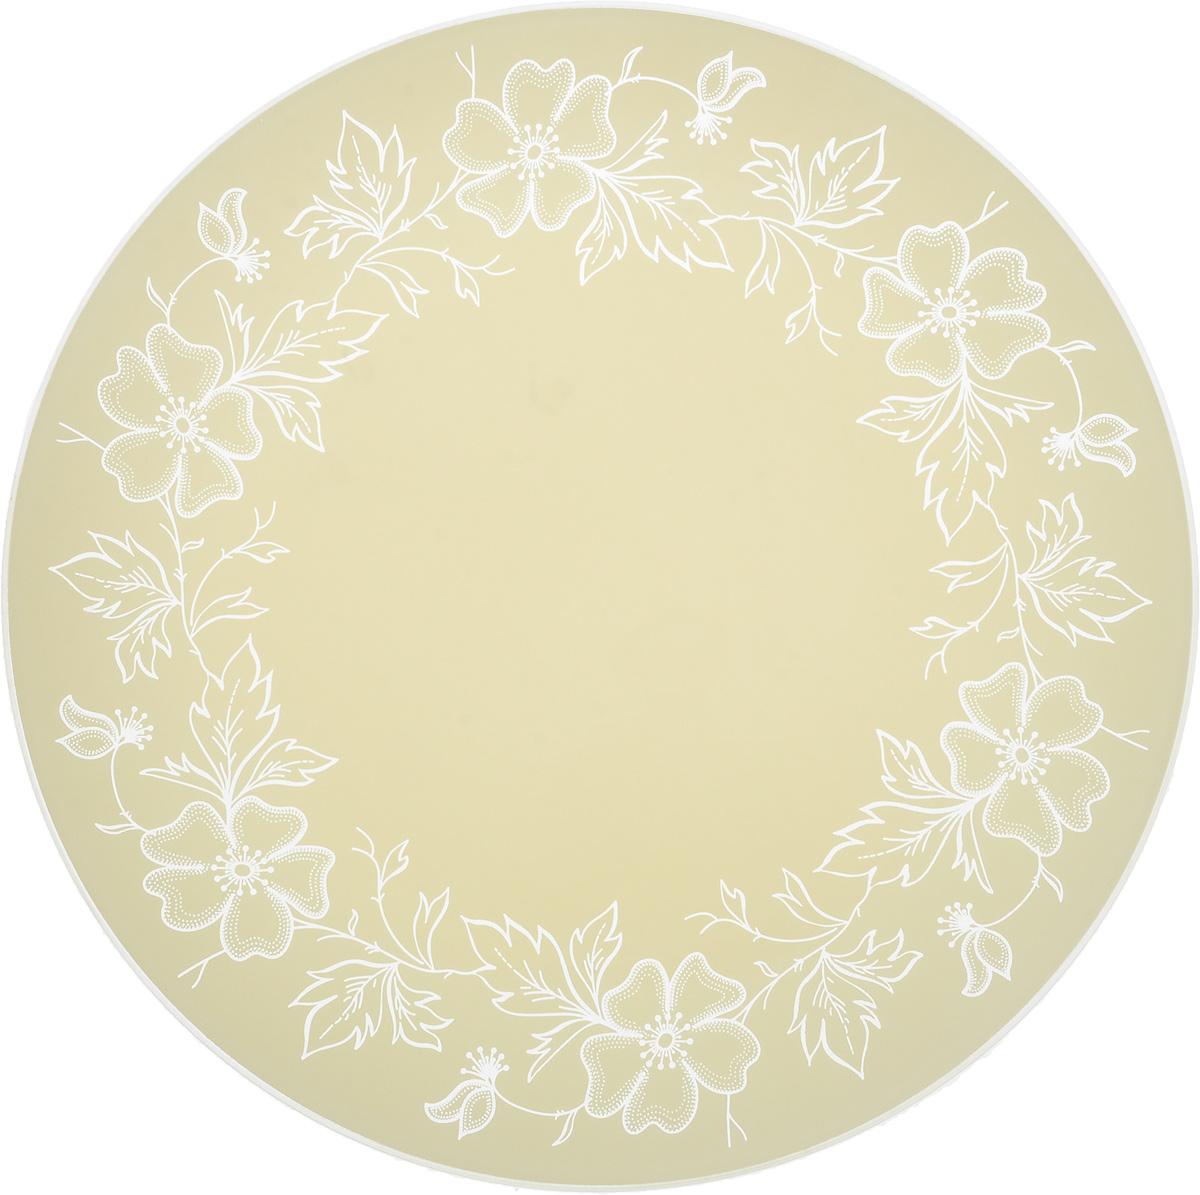 Тарелка NiNaGlass Лара, цвет: светло-бежевый, диаметр 30 см85-300-075/белТарелка NiNaGlass Лара выполнена из высококачественного стекла и оформлена красивым цветочным узором. Тарелка идеальна для сервировки закусок, нарезок, овощей и фруктов. Она отлично подойдет как для повседневных, так и для торжественных случаев. Такая тарелка прекрасно впишется в интерьер вашей кухни и станет достойным дополнением к кухонному инвентарю.